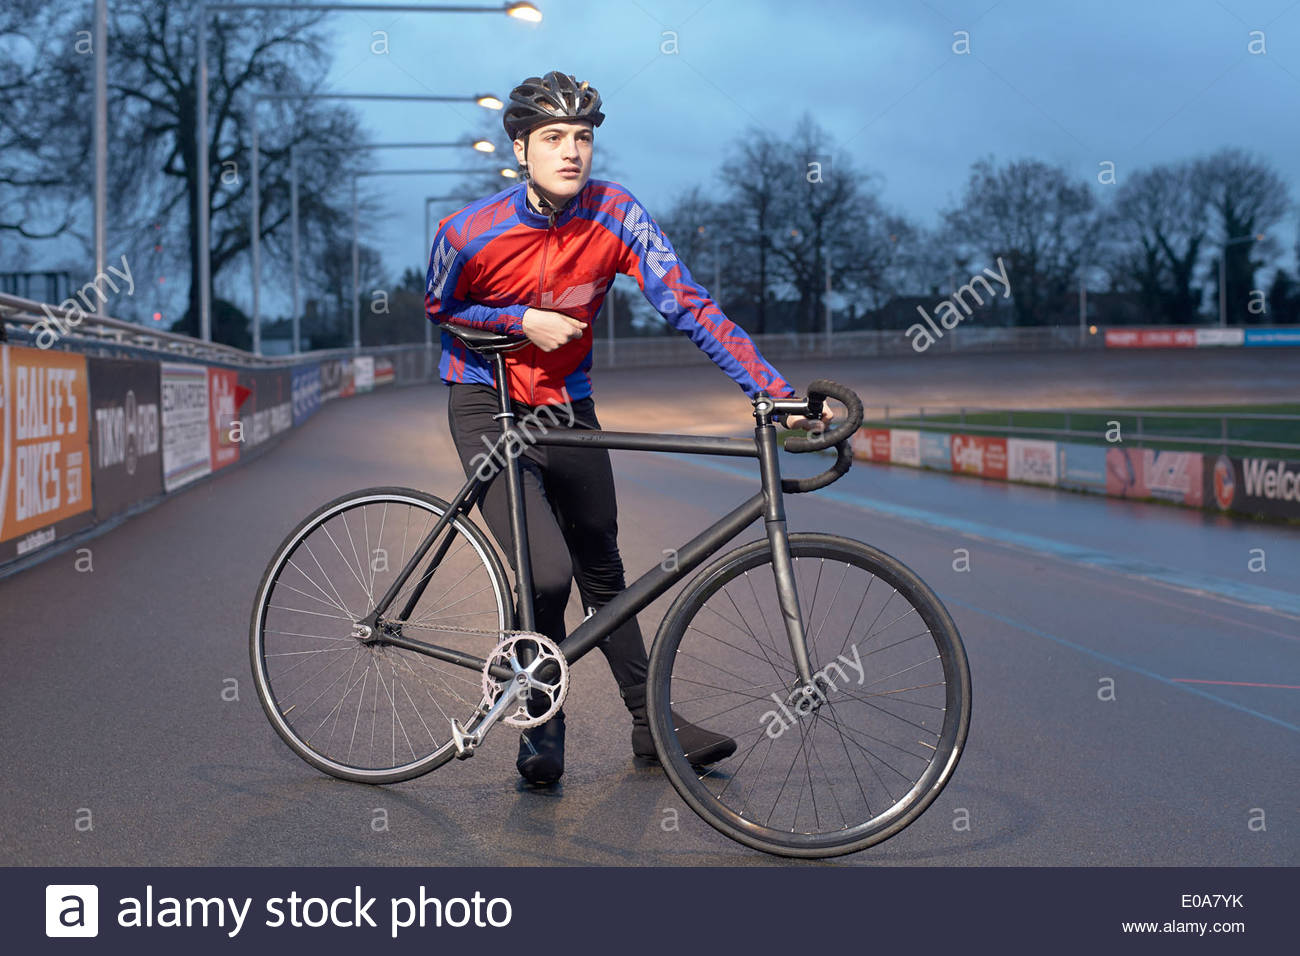 Retrato de macho joven ciclista con ciclo en el velódromo de noche Imagen De Stock